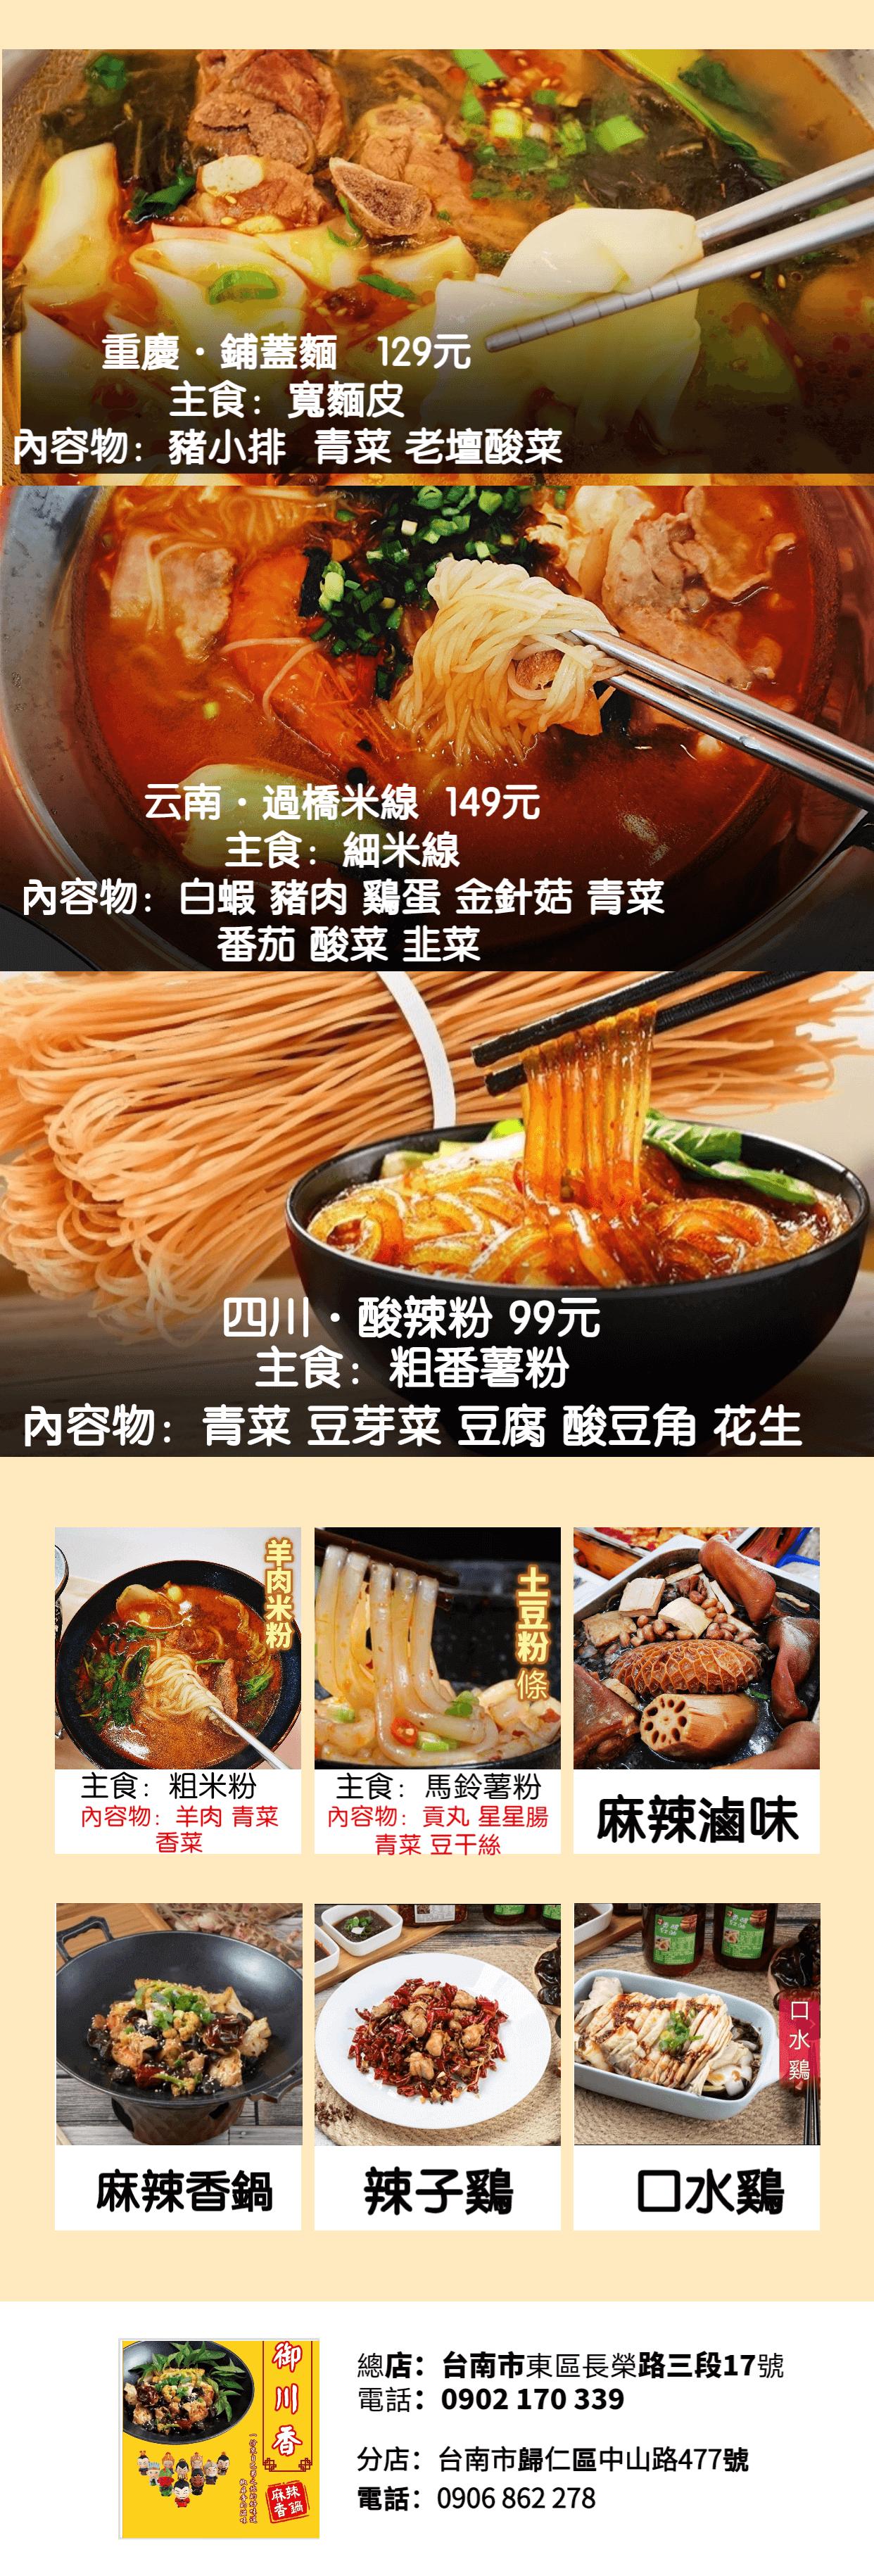 御川香麻辣香鍋菜單MENU